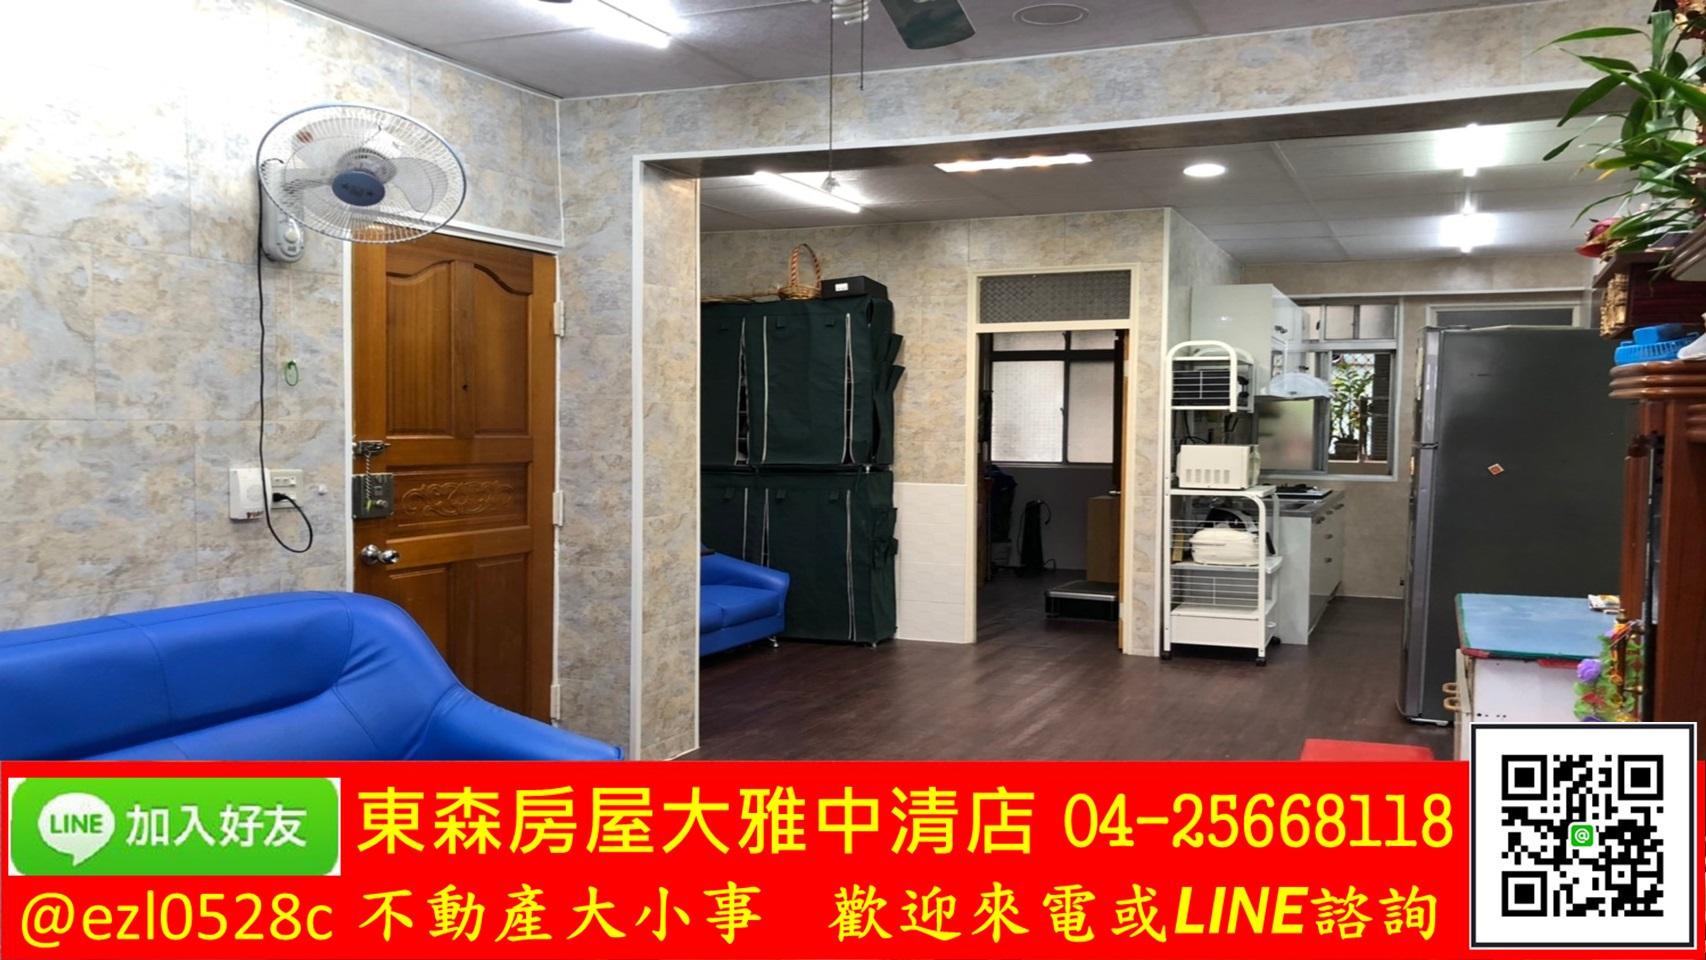 東森房屋大雅中清店-樓中樓公寓